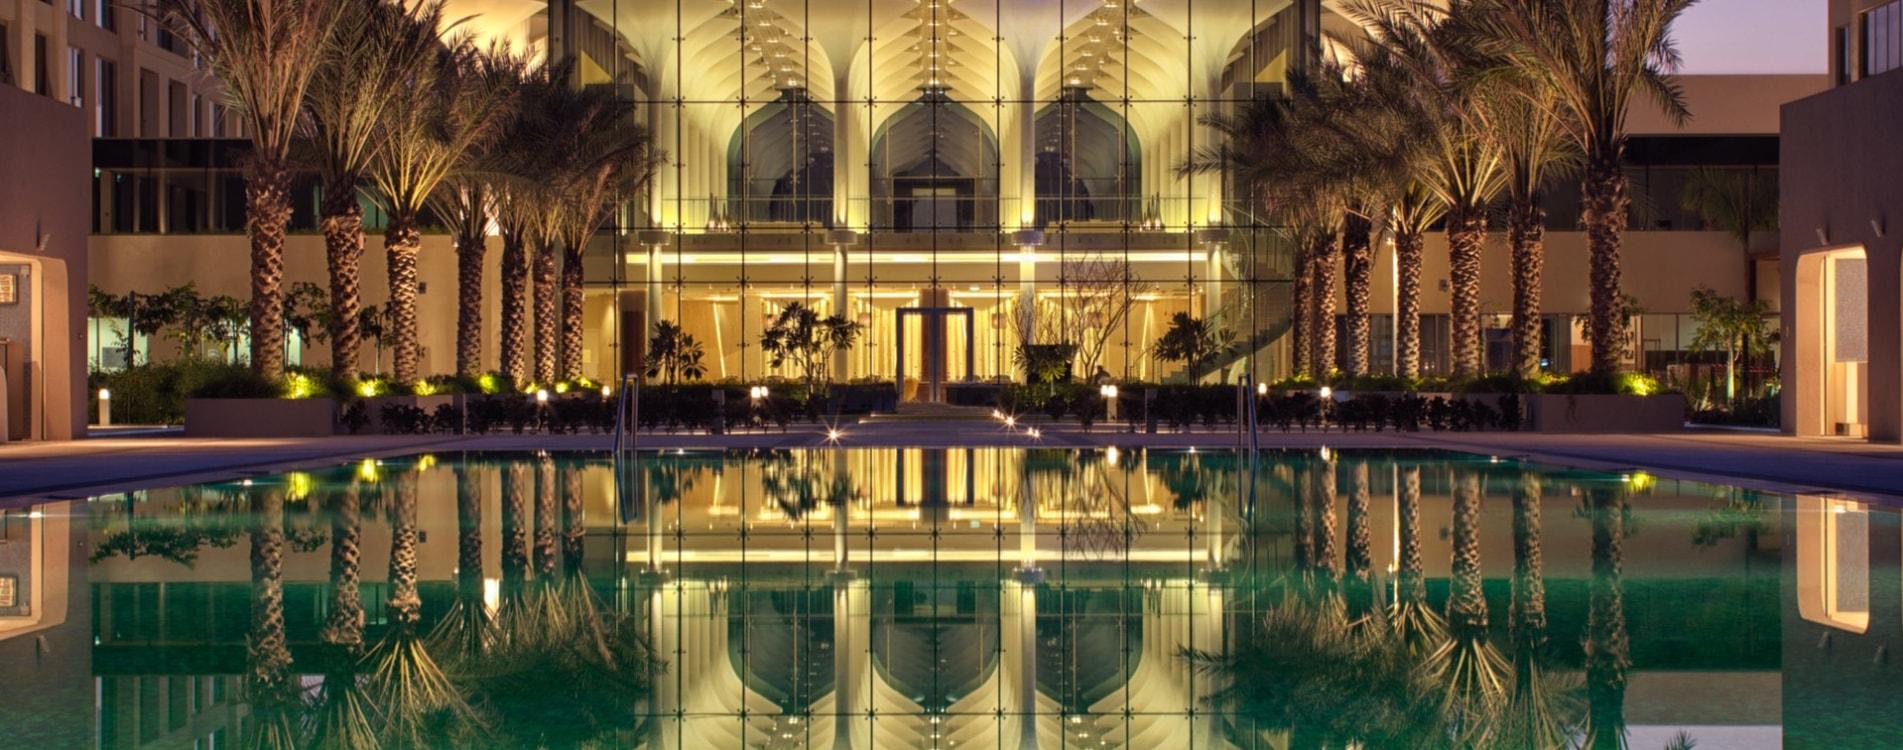 Kempinski-Hotel-Muscat-Exterior-Dämmerung-Oman